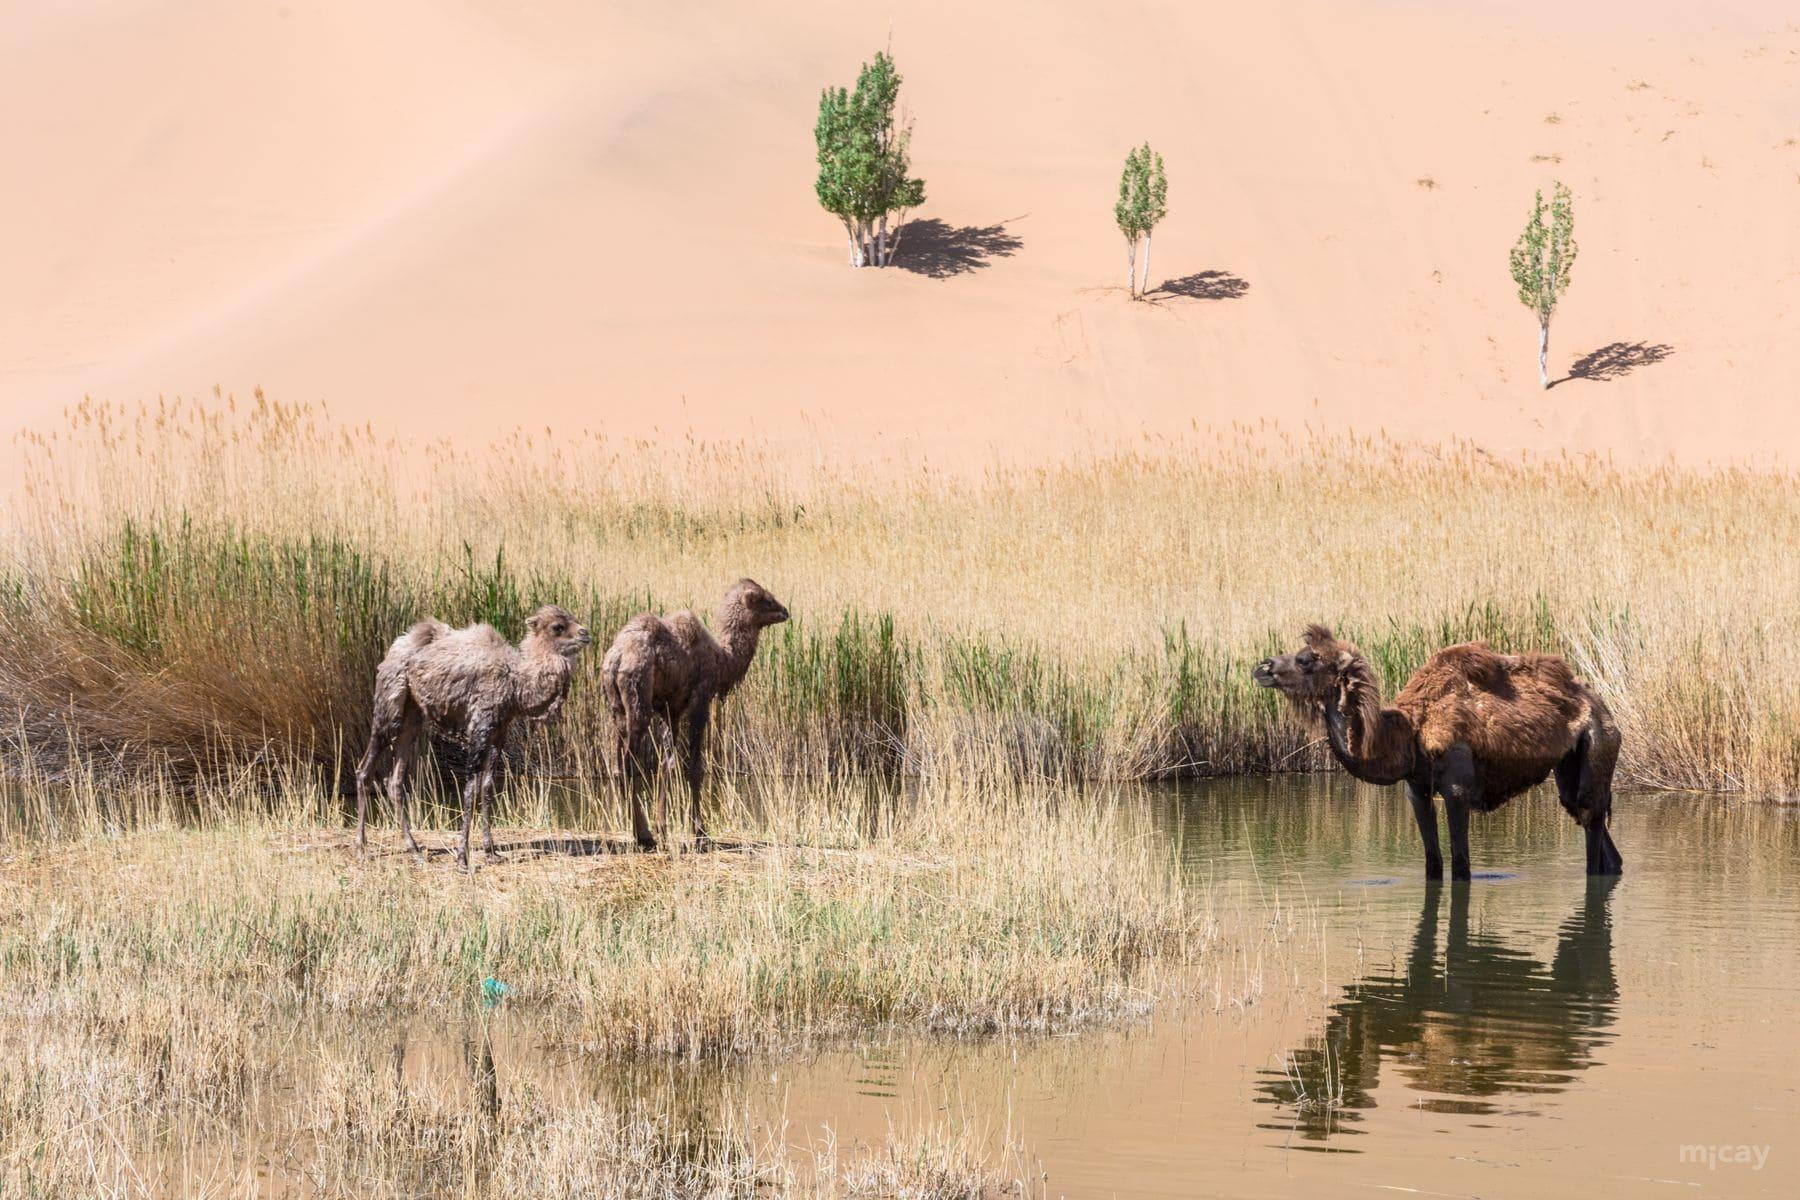 MichelAycaguer-Chine-Desert-BadainJaran-Dunes-Chameaux-MongolieInterieure-6